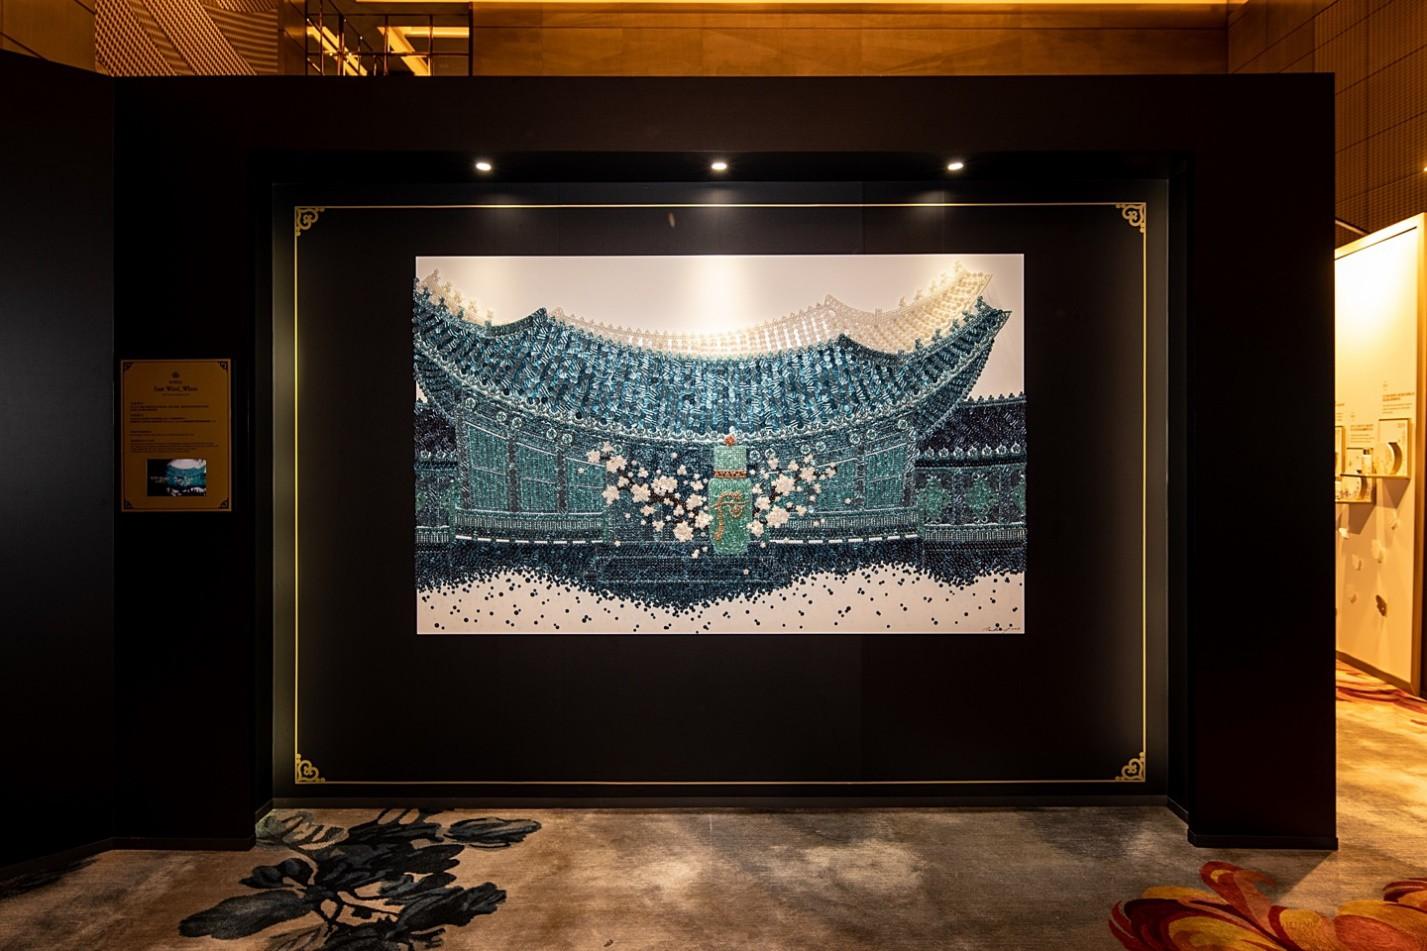 Choáng ngợp trước sự kiện toàn cầu lộng lẫy xa hoa của The history of Whoo tại Thượng Hải - Ảnh 7.